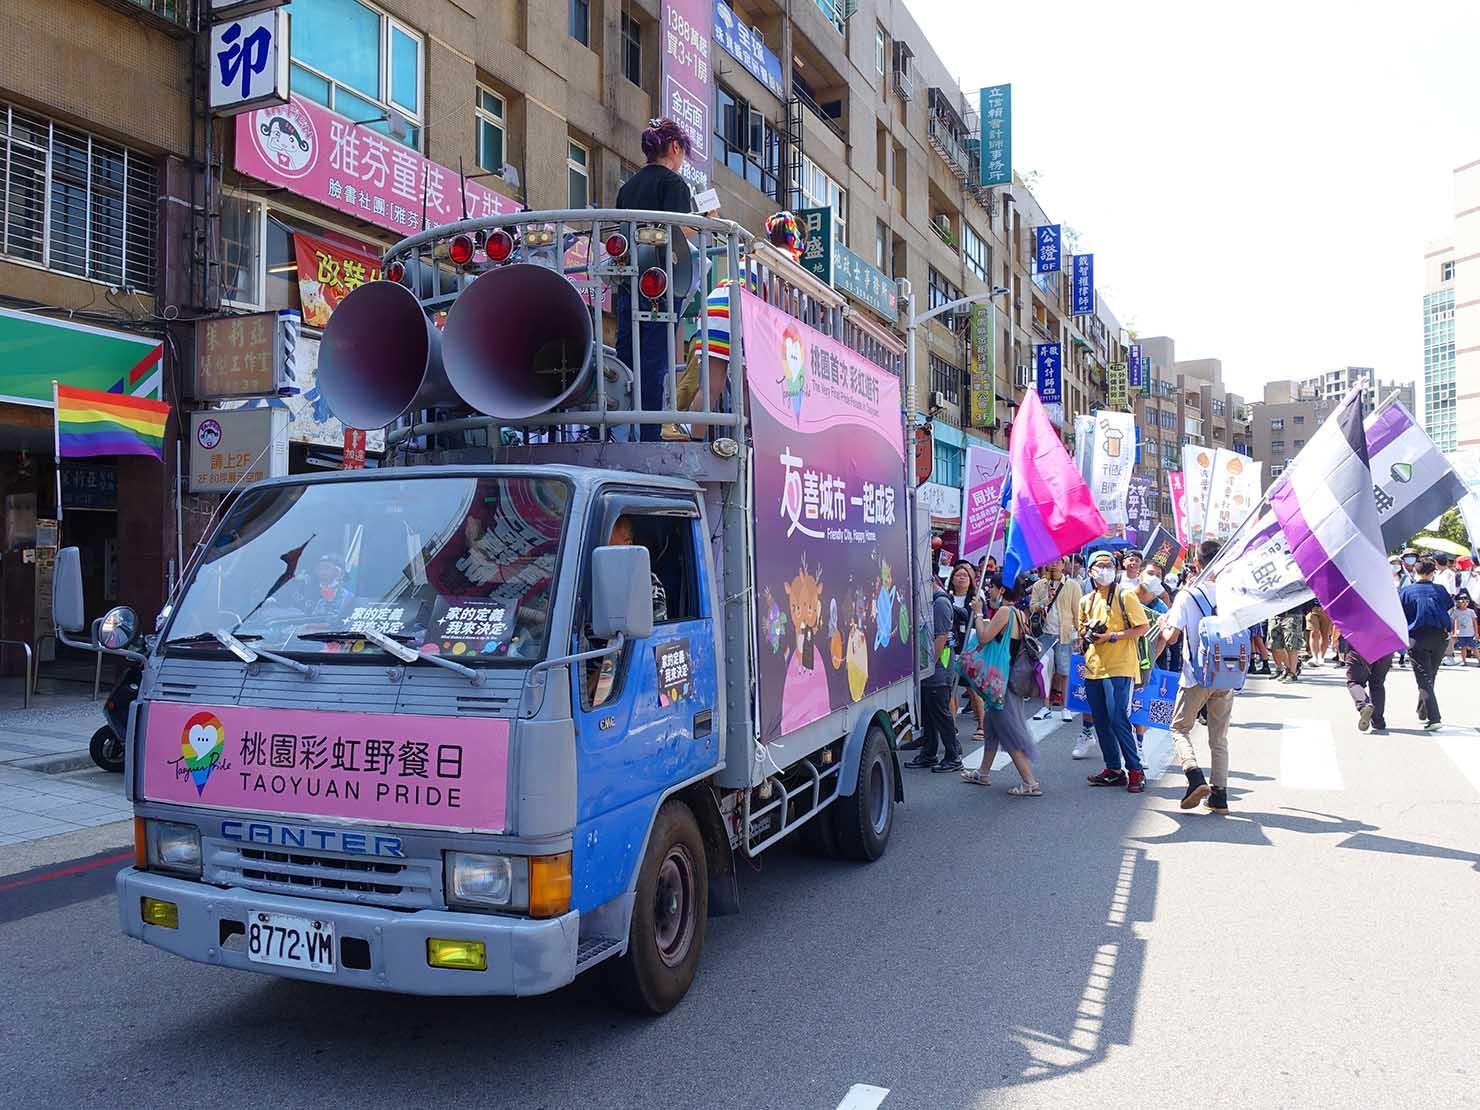 台湾・桃園のLGBTプライド「桃園彩虹野餐日」2020のパレード先導車に続く参加者たち